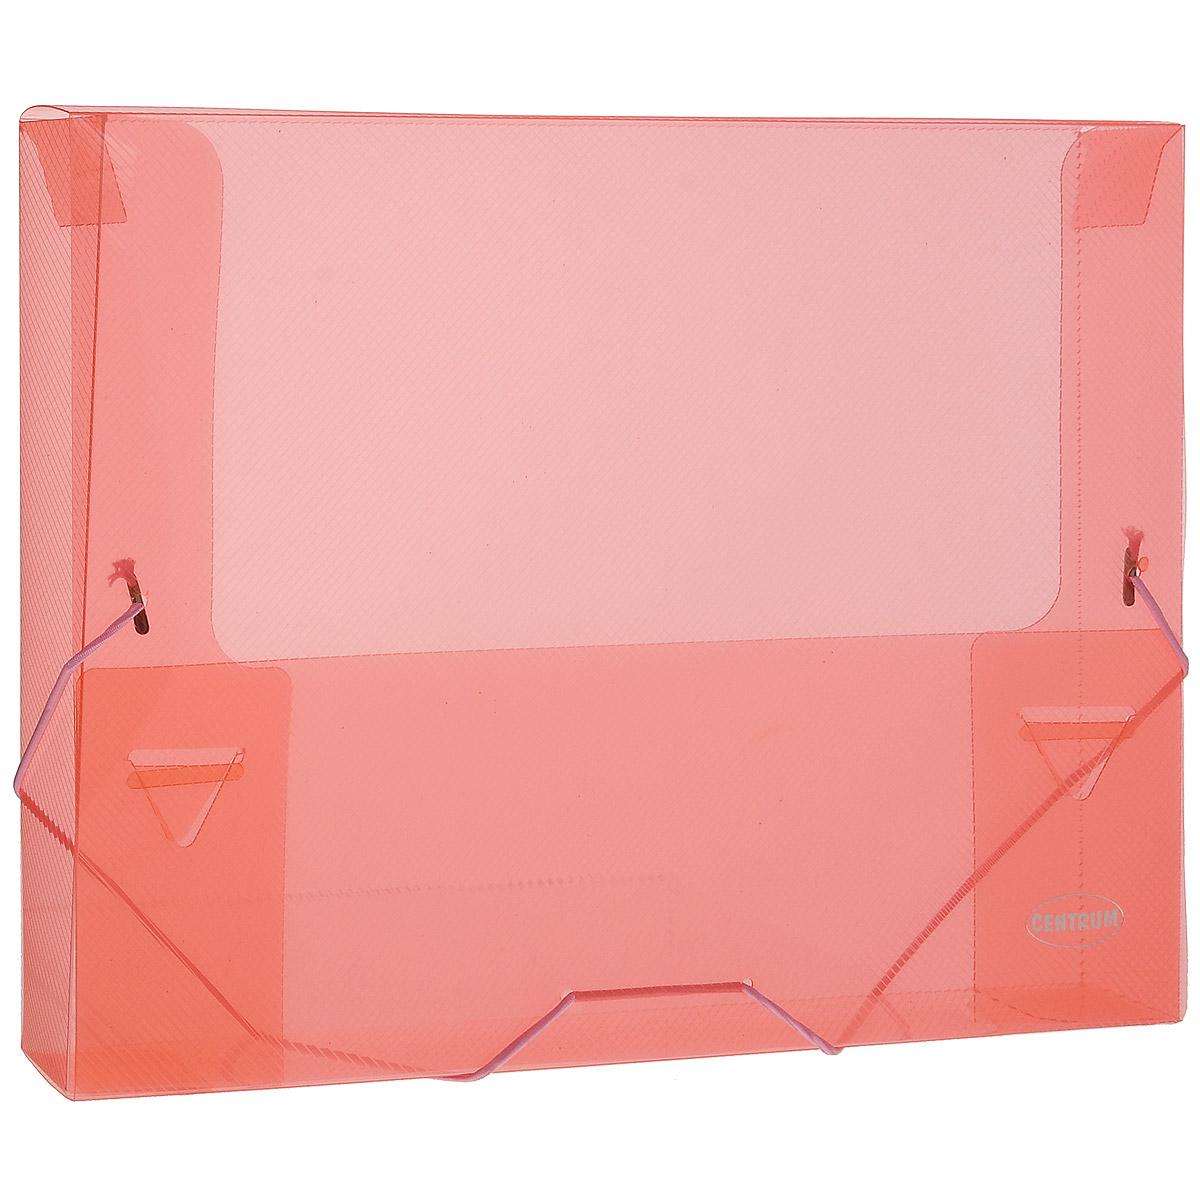 Папка на резинках Centrum пластиковая, формат А4, цвет: коралловыйПК5_11949Папка на резинке Centrum станет вашим верным помощником дома и в офисе. Это удобный и функциональный инструмент, предназначенный для хранения и транспортировки больших объемов рабочих бумаг и документов формата А4.Она изготовлена из износостойкого высококачественного пластика. Папка - это незаменимый атрибут для любого студента, школьника или офисного работника. Такая папка надежно сохранит ваши бумаги и сбережет их от повреждений, пыли и влаги.